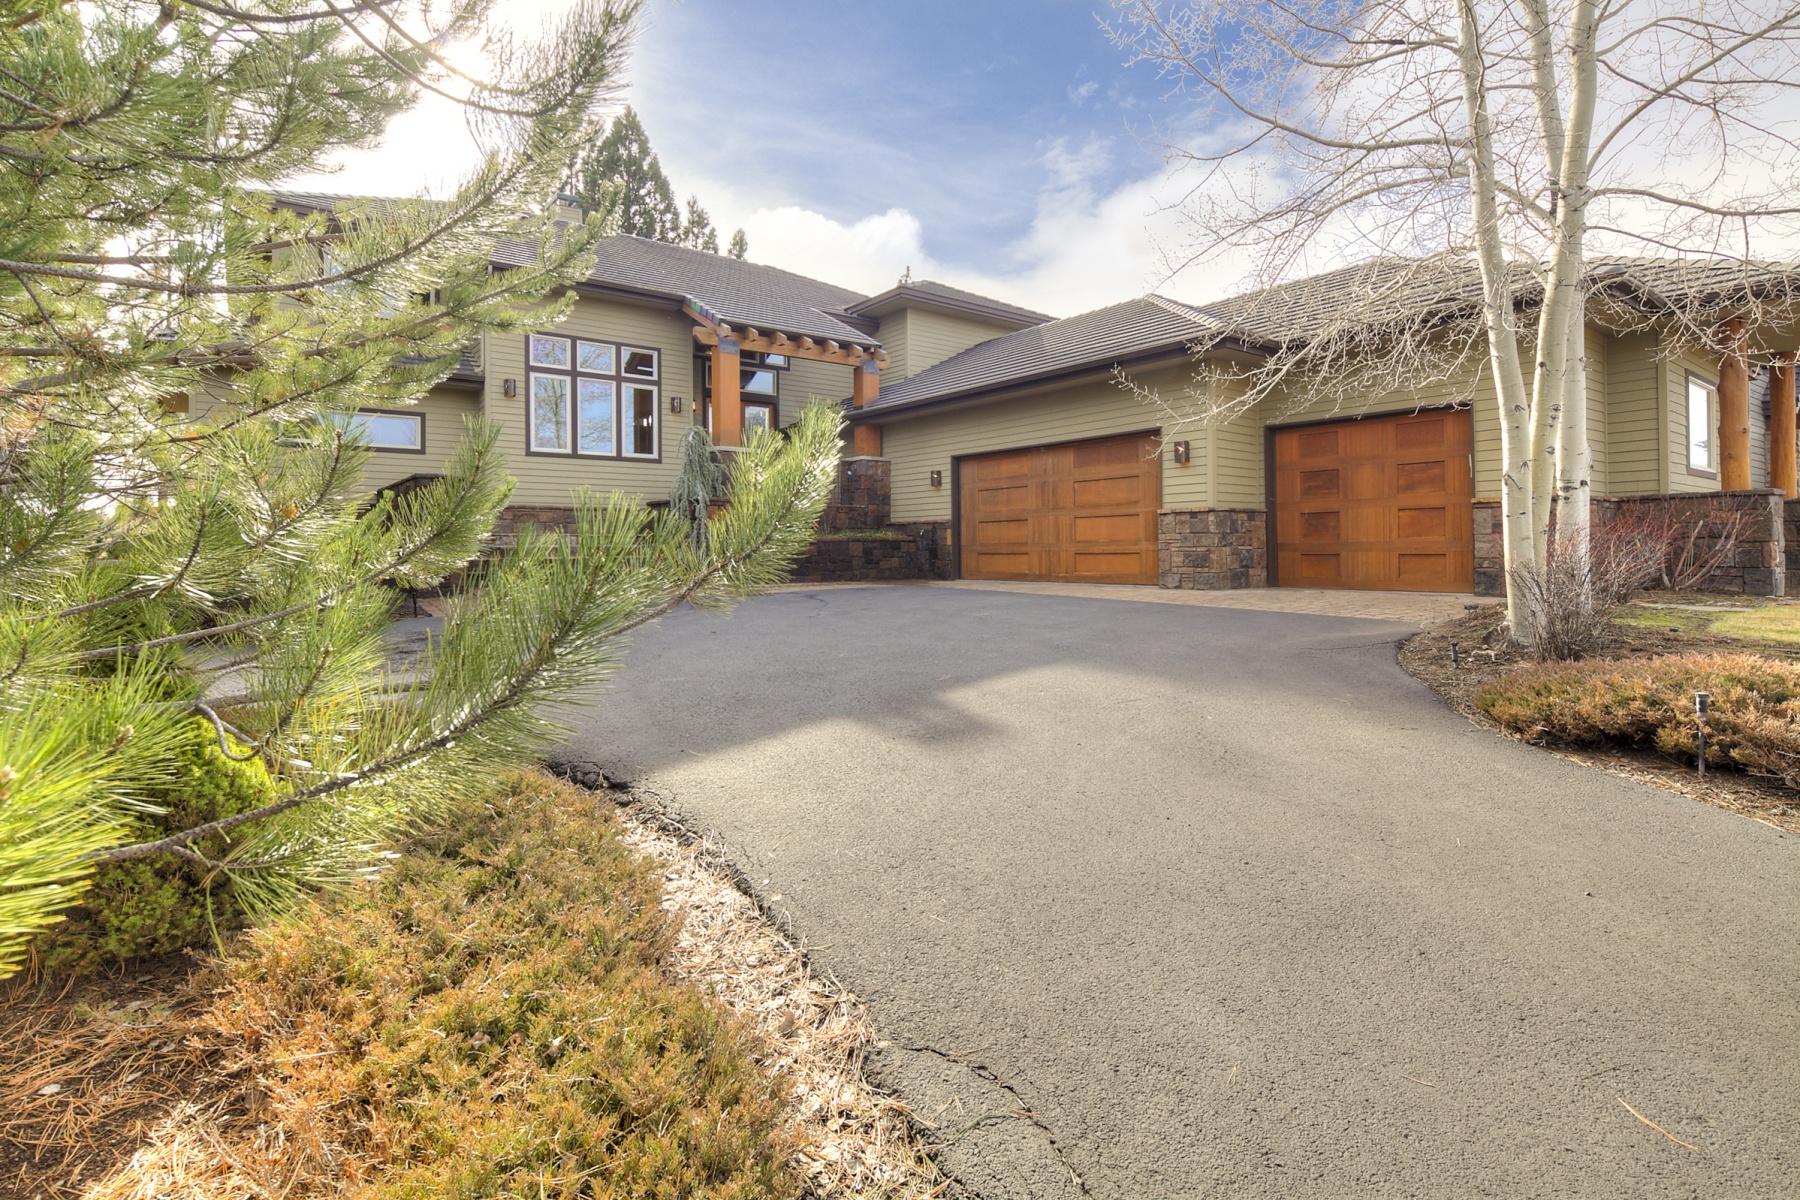 Tek Ailelik Ev için Satış at Broken Top 19263 Moraine Ct Bend, Oregon 97702 Amerika Birleşik Devletleri